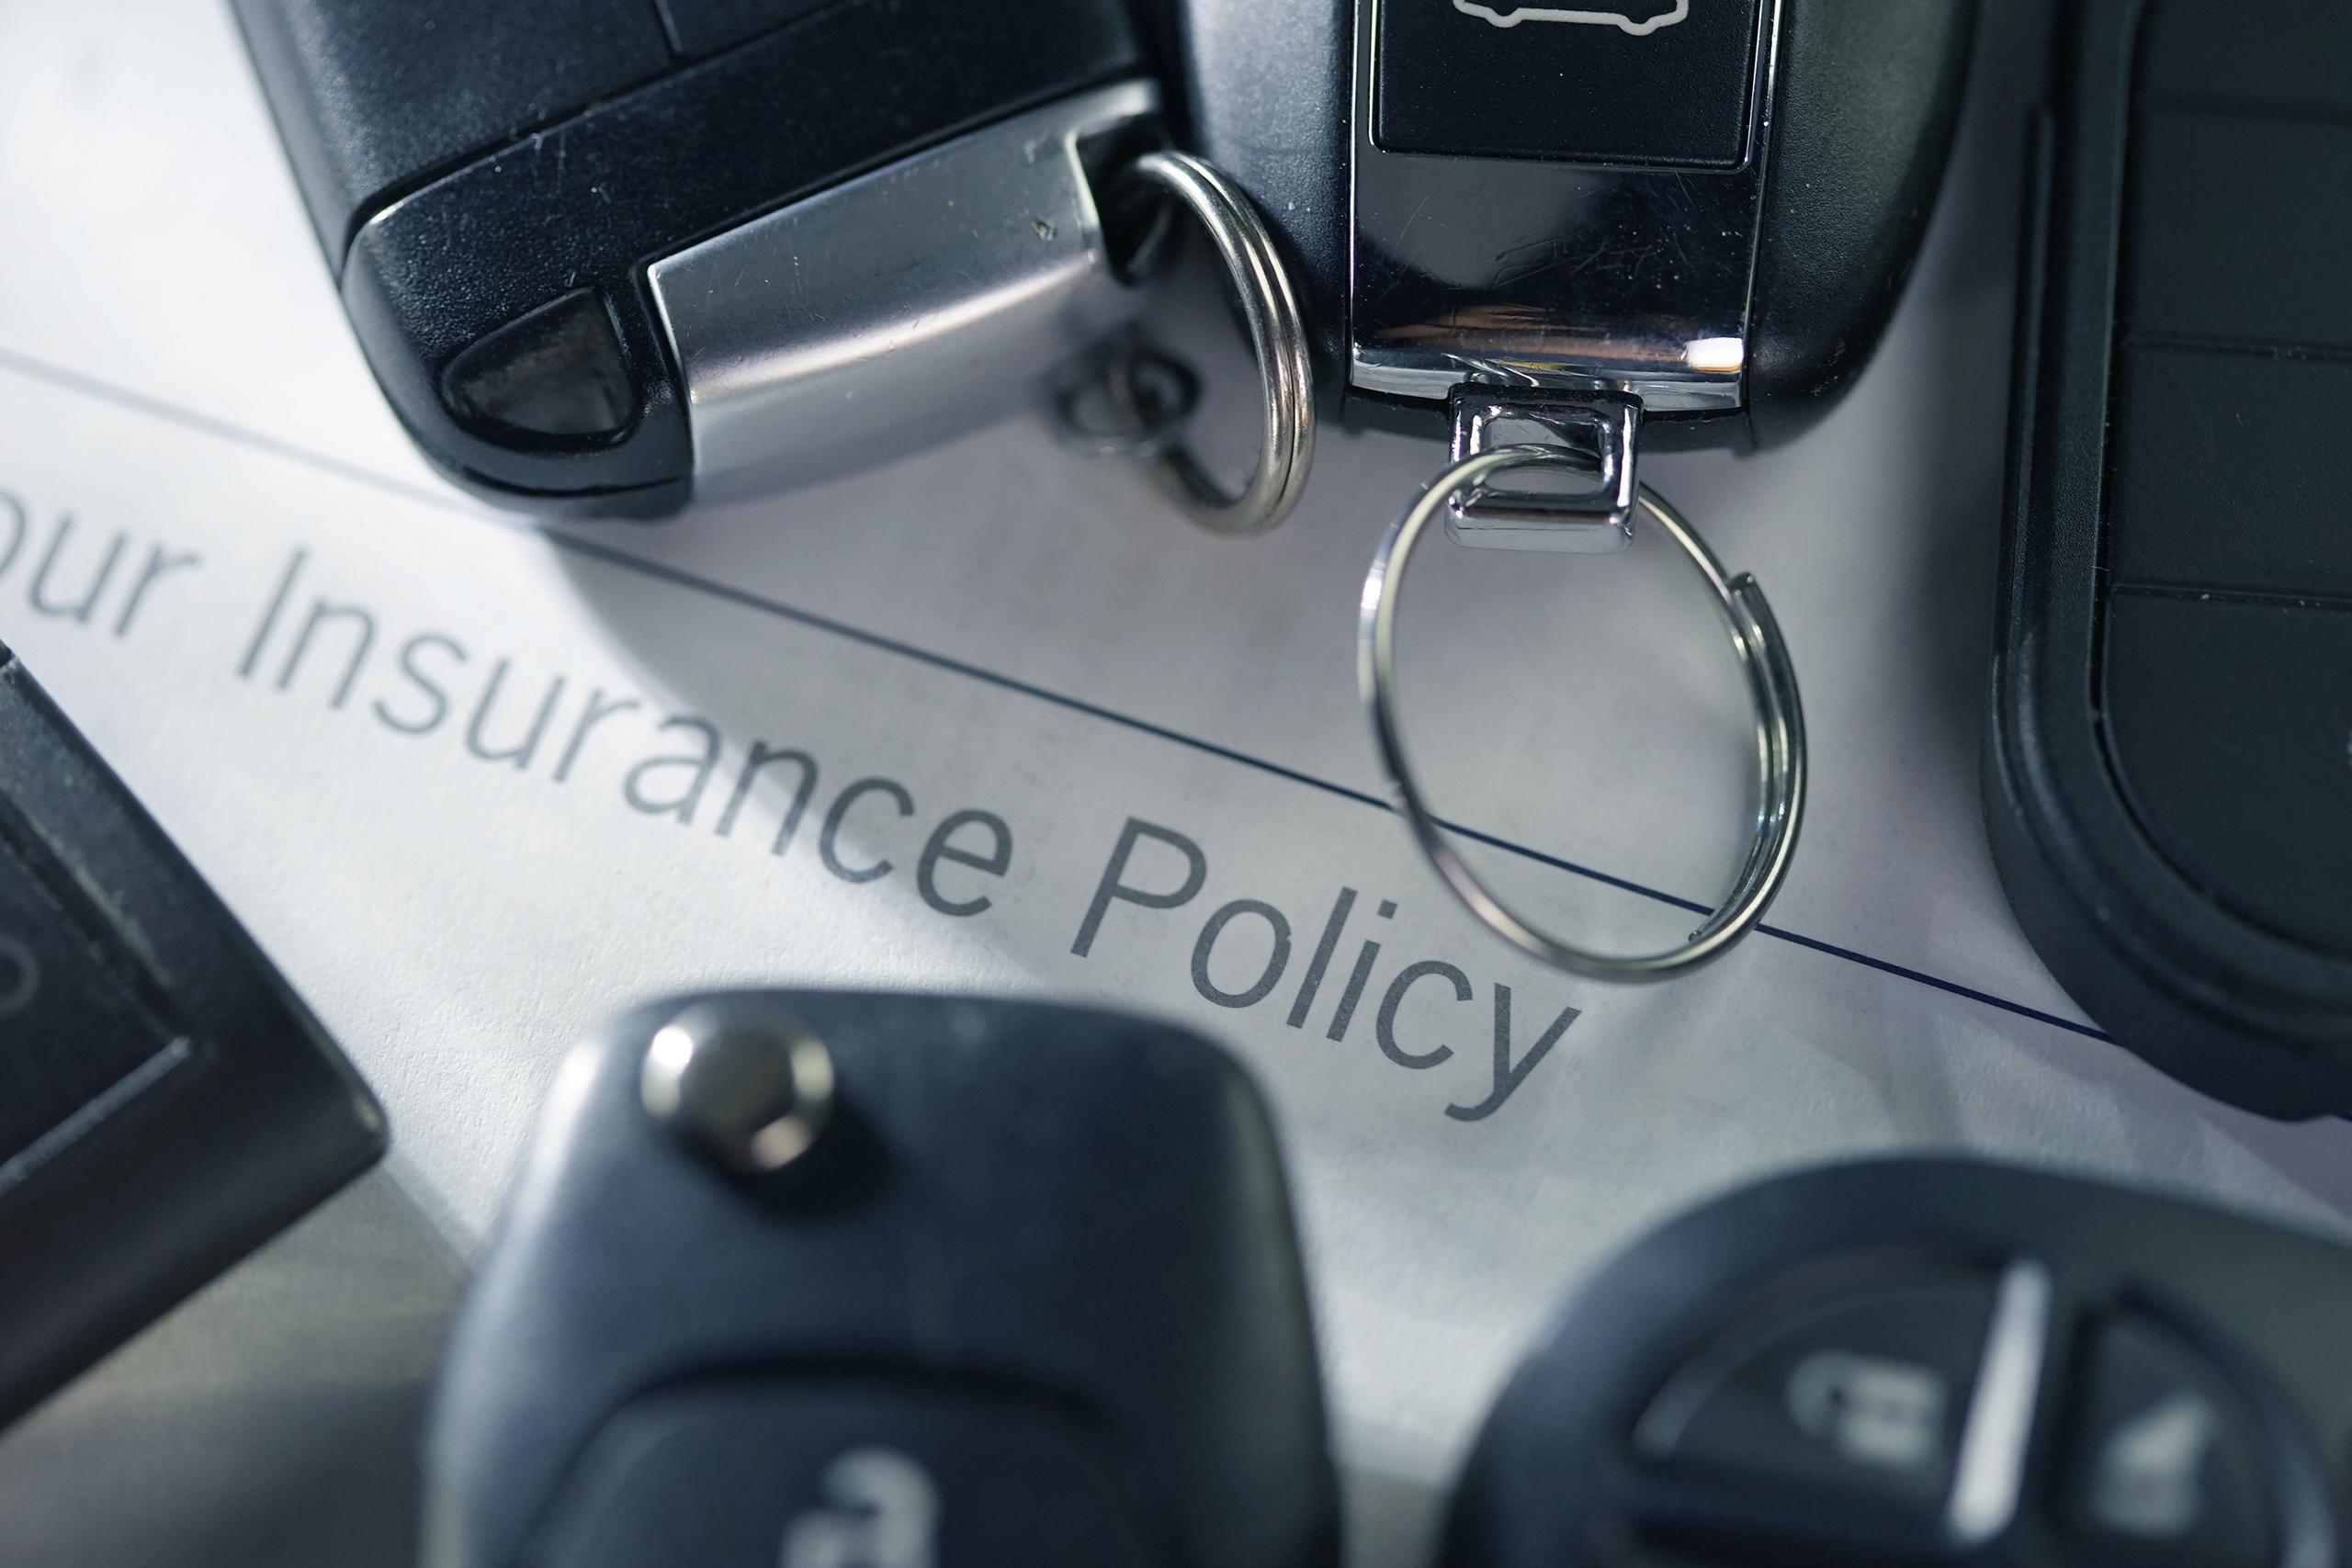 Lease Van Insurance